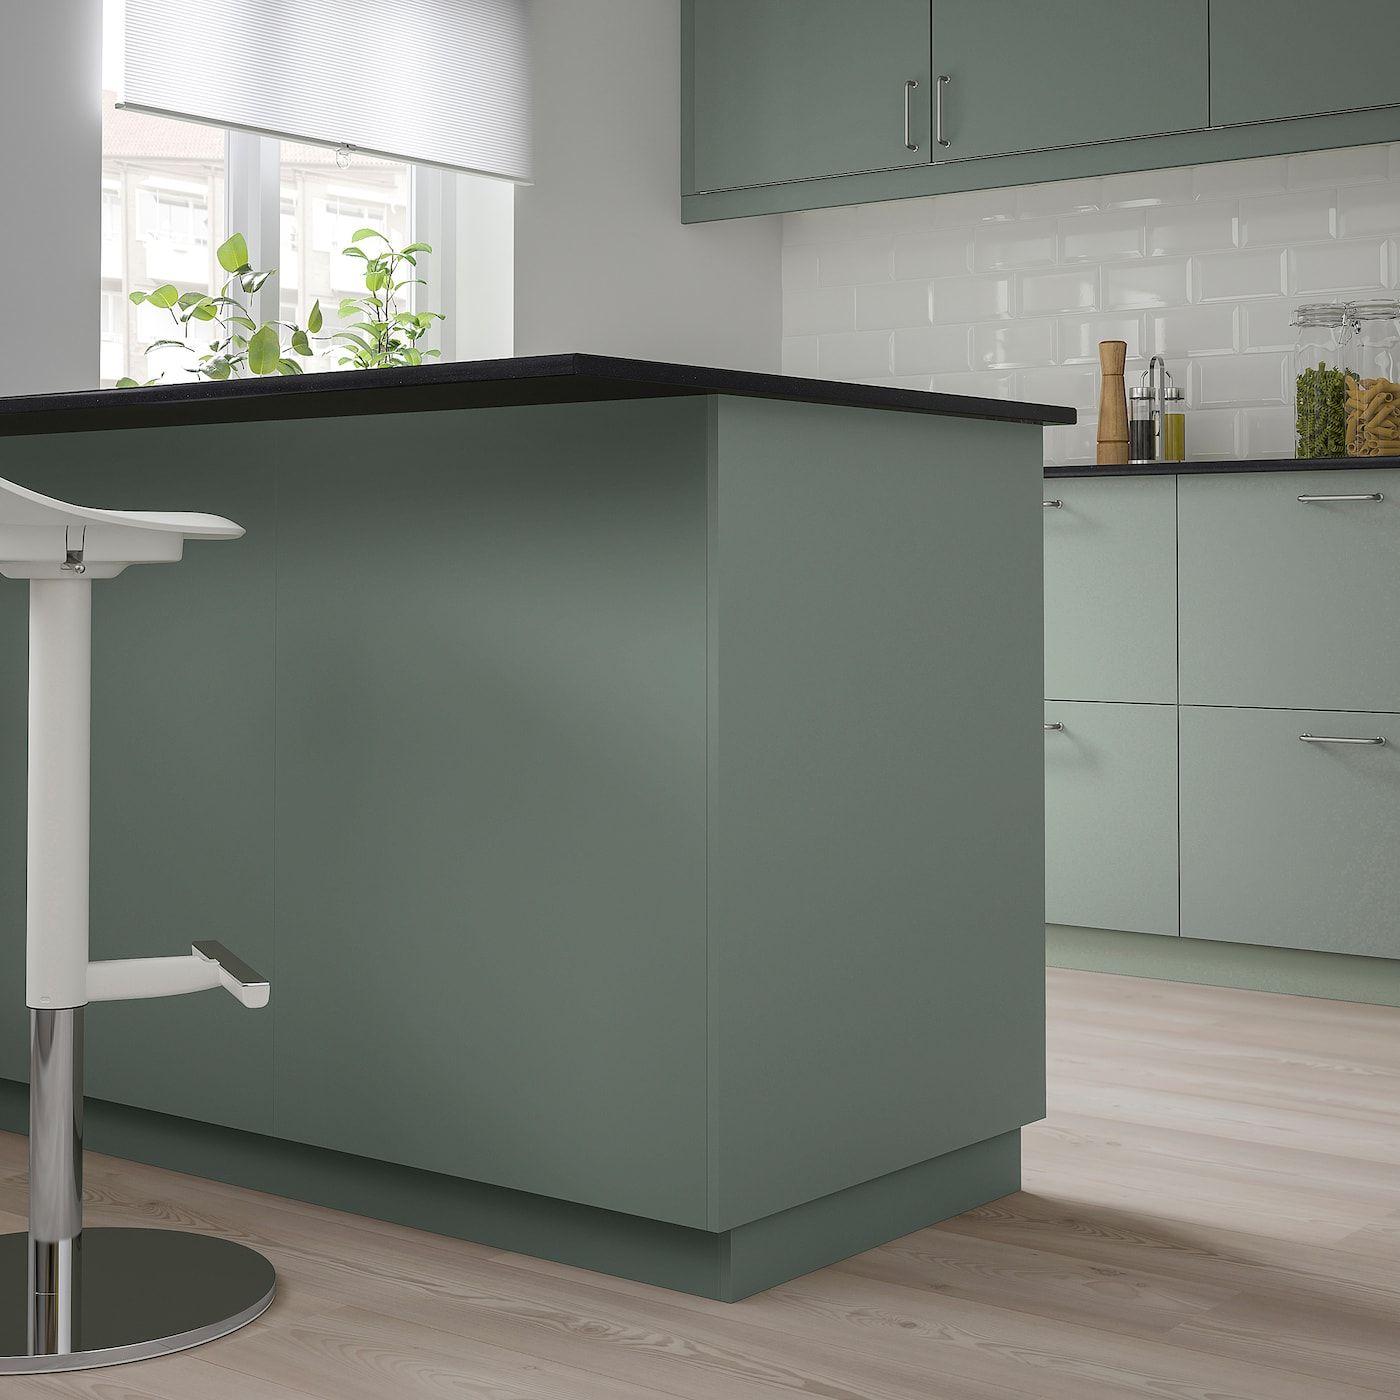 Ikea 25 Jahre Garantie Küche | MatmÄssig Gaskochfeld ...